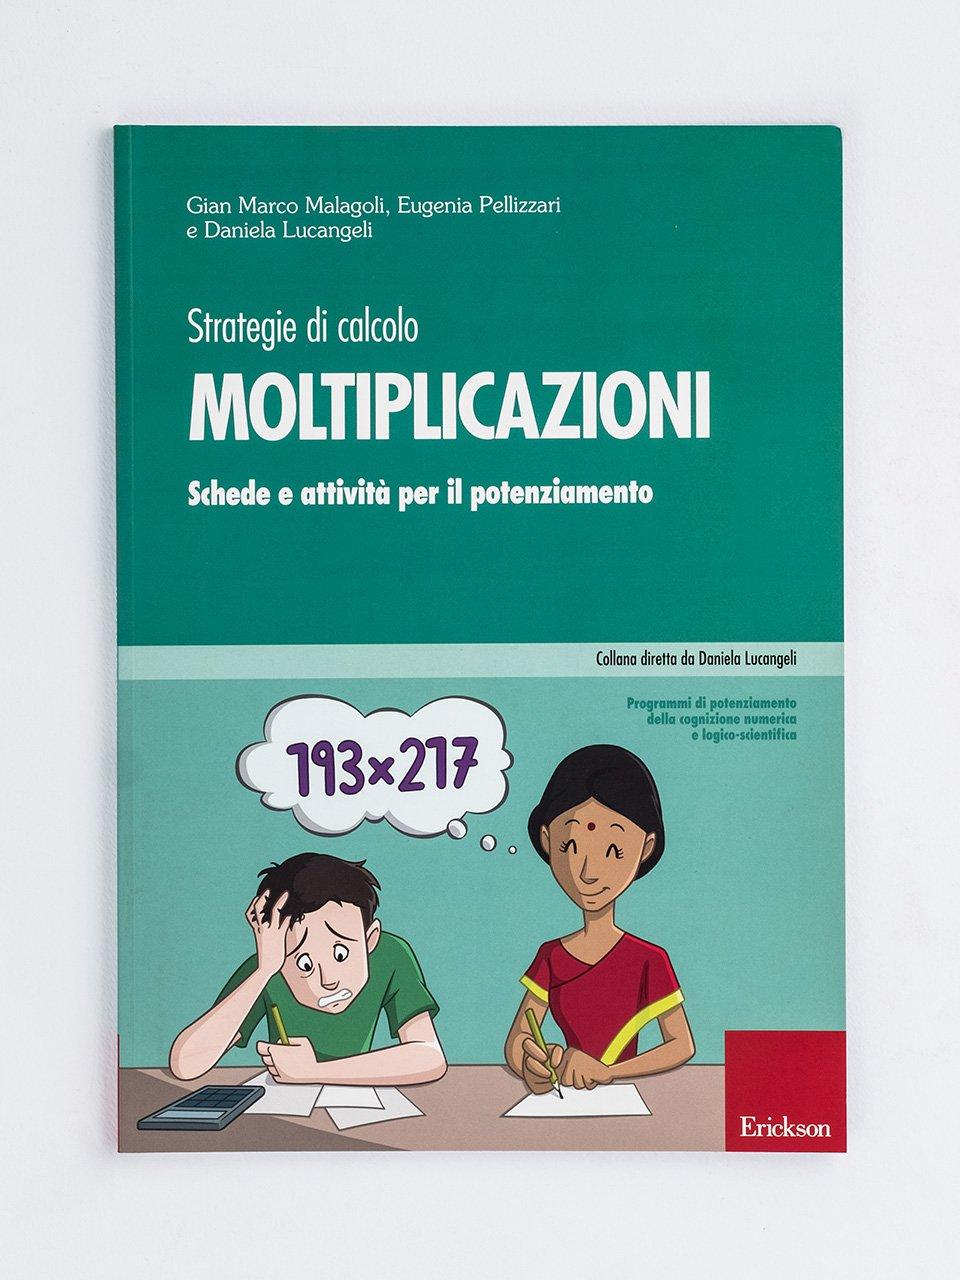 Moltiplicazioni – Strategie di calcolo - Daniela Lucangeli - Erickson